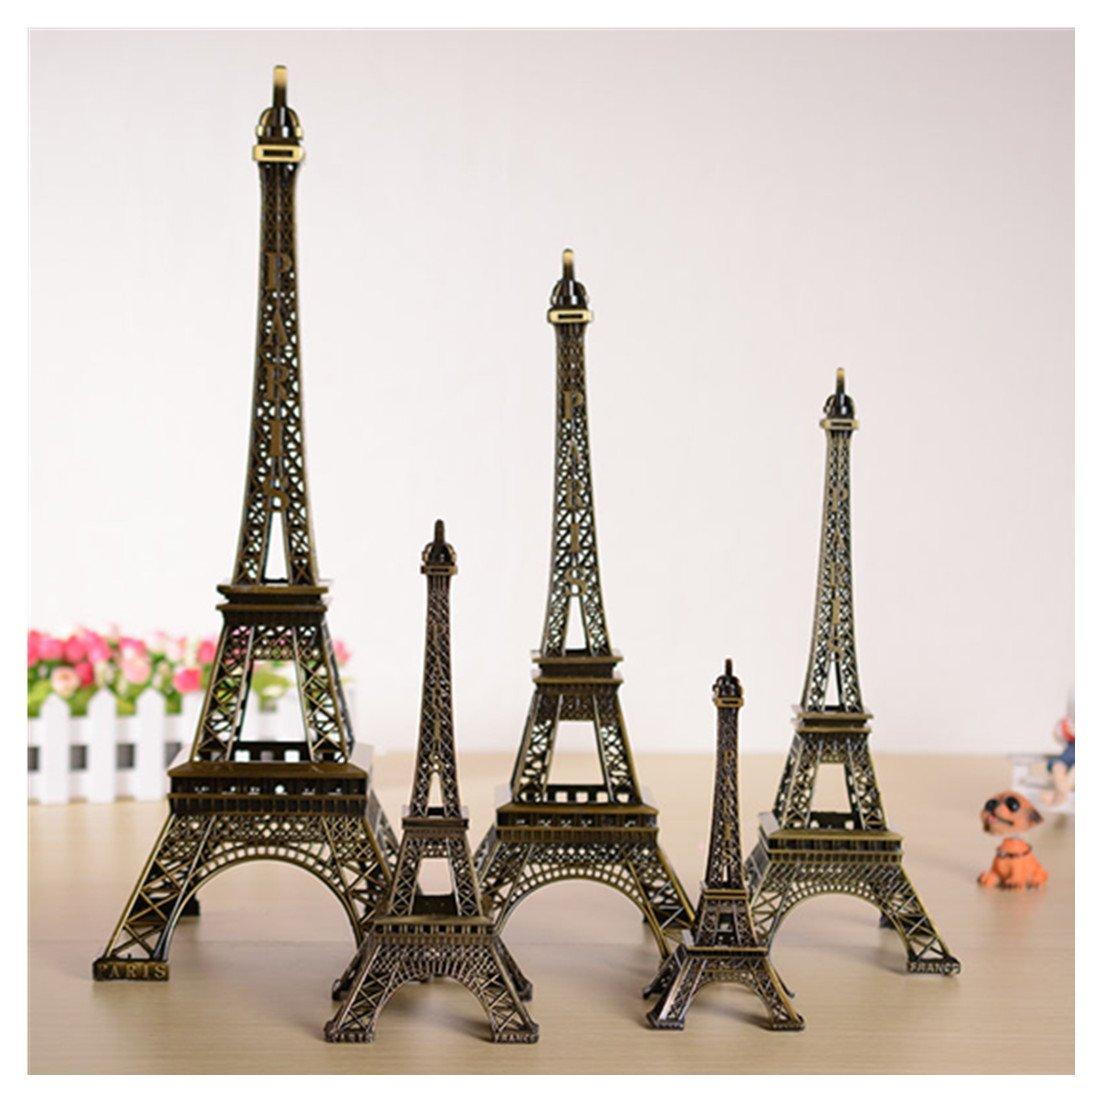 Kalevel Metal Paris Eiffel Tower Model Statue Souvenir Decoration for Living Room, Home, Party